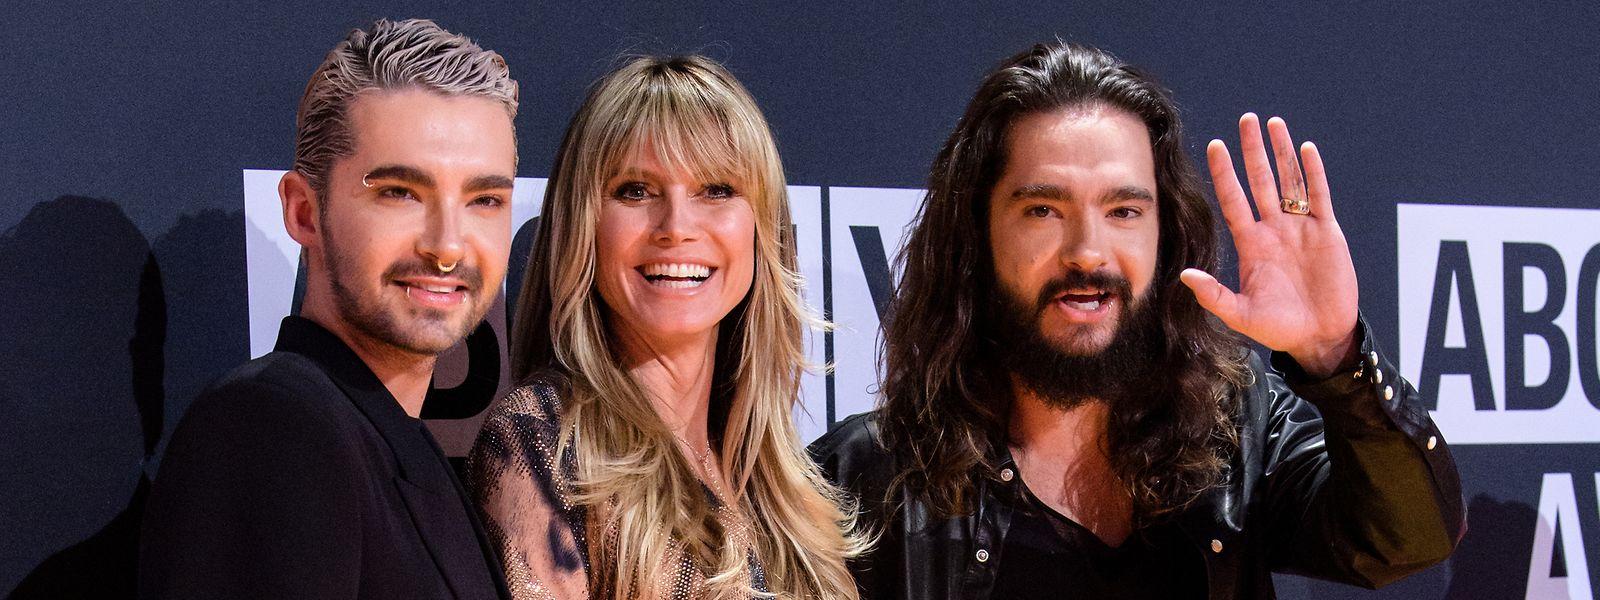 Nein, es ist nicht ihre Mutter: Bill (l.) und Tom Kaulitz mit Heidi Klum.